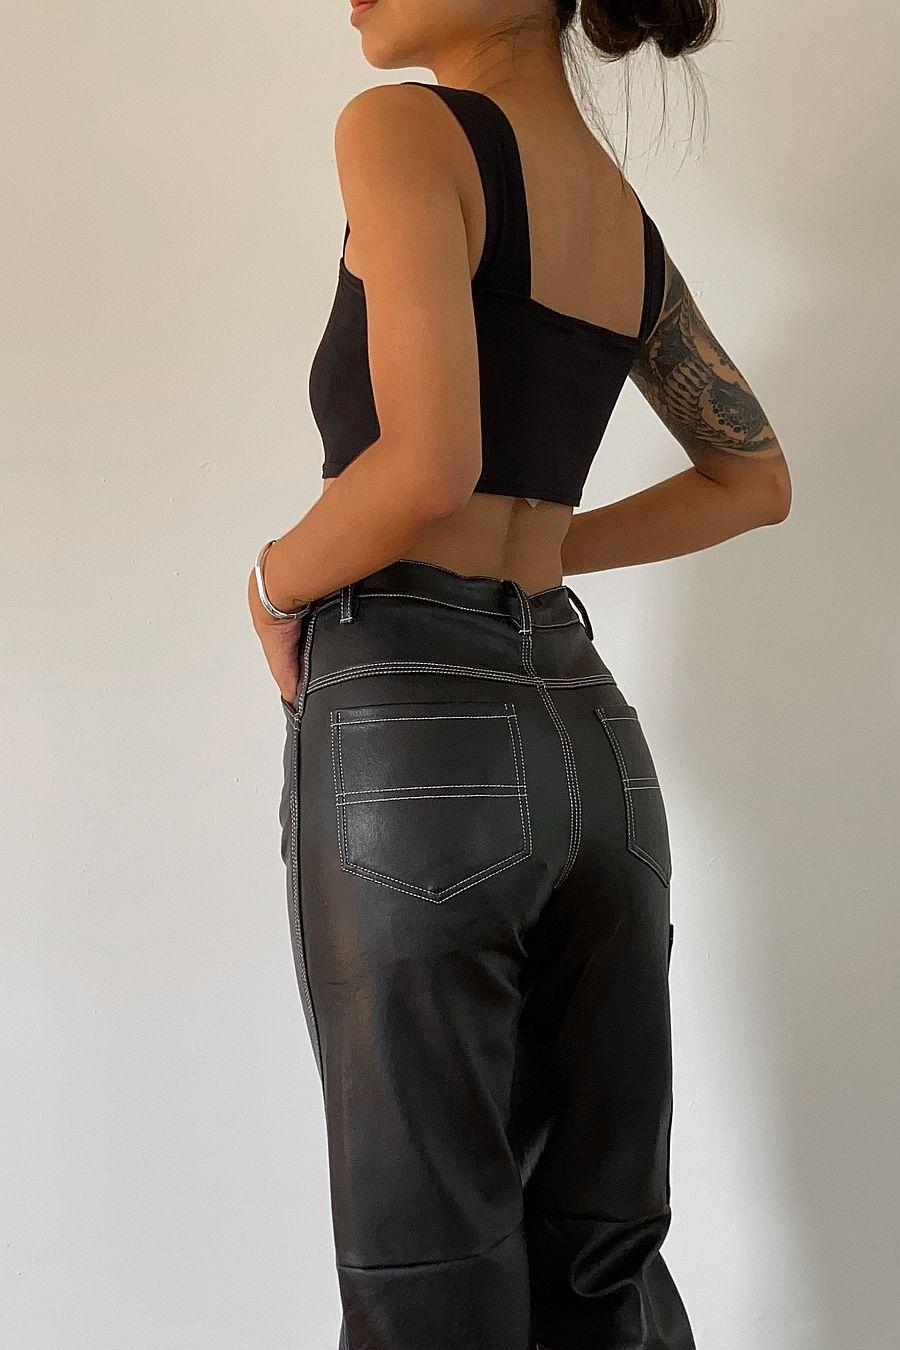 Simonett Kika Pants - Black